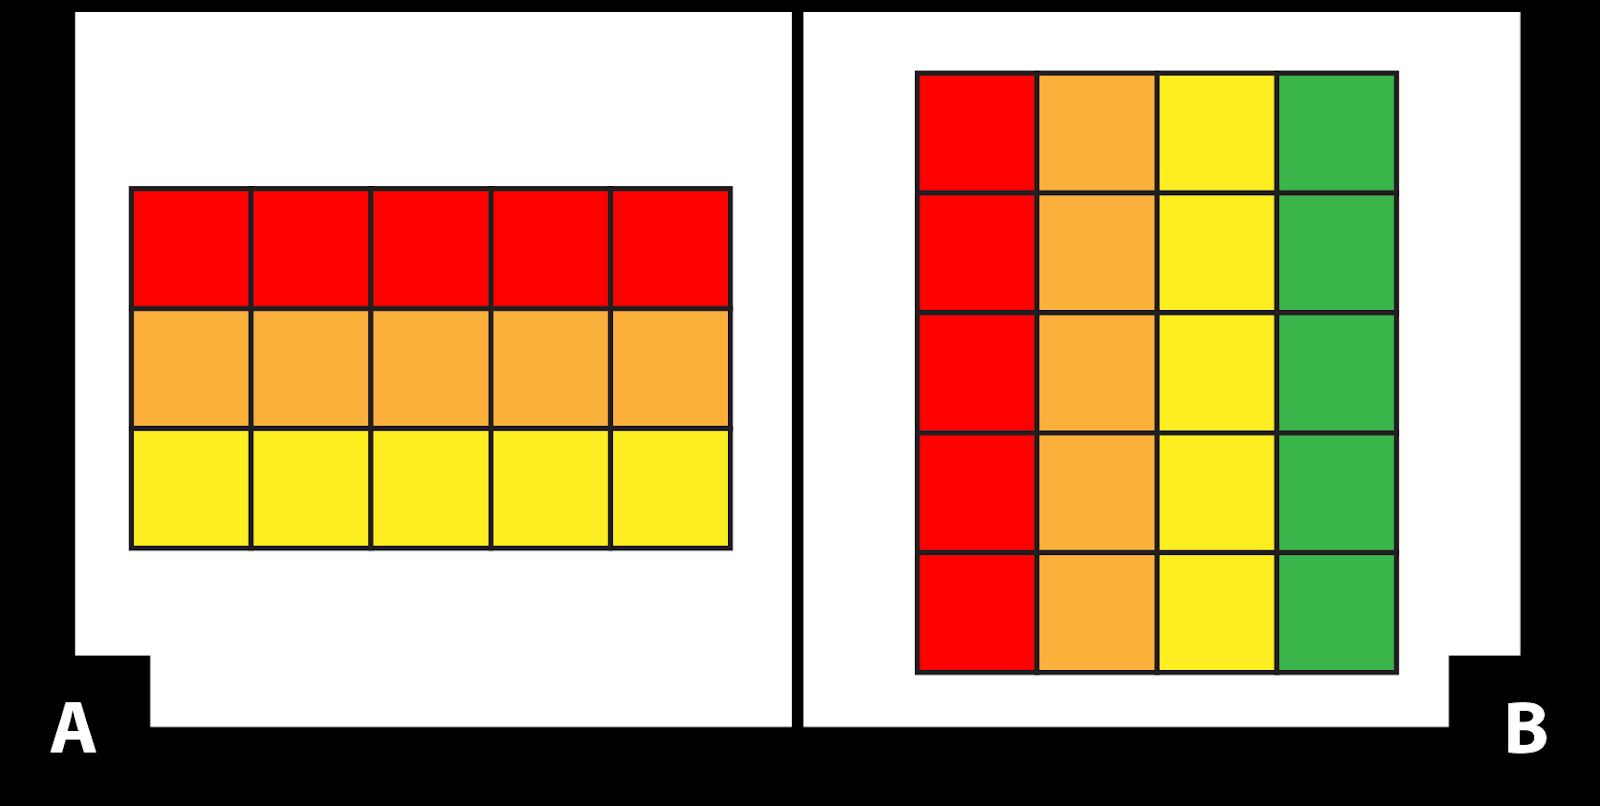 A: un rectángulo hecho de 3 filas de 5 cuadrados cada una. Los cuadrados de la fila de arriba son rojos. Los cuadrados de la segunda fila son anaranjados. Los cuadrados de la fila de abajo son amarillos. B: un rectángulo hecho de 4 columnas de 5 cuadrados cada una. Los cuadrados de la primera columna son rojos. Los cuadrados de la segunda columna son anaranjados. Los cuadrados de la tercera columna son amarillos. Los cuadrados de la cuarta columna son verdes.